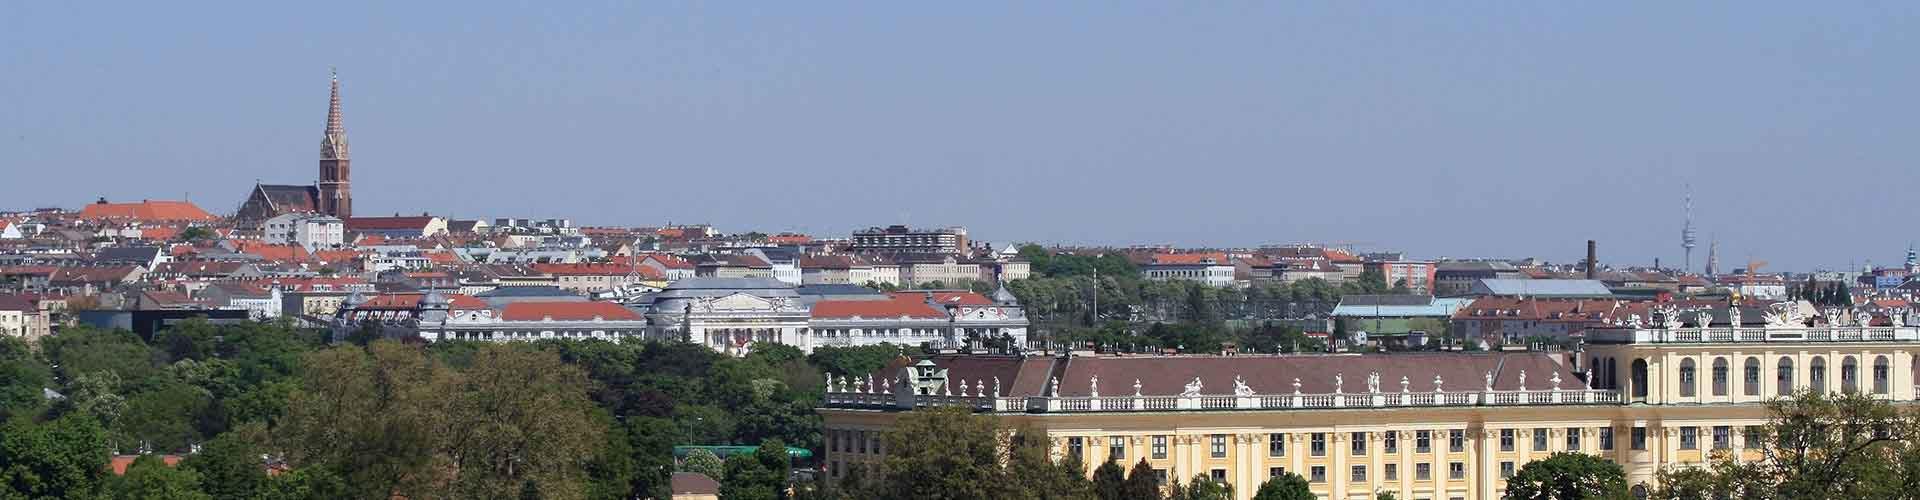 Wien - Zimmer in Rudolfsheim-Fuenfhaus. Wien auf der Karte. Fotos und Bewertungen für jedes Zimmer in Wien.